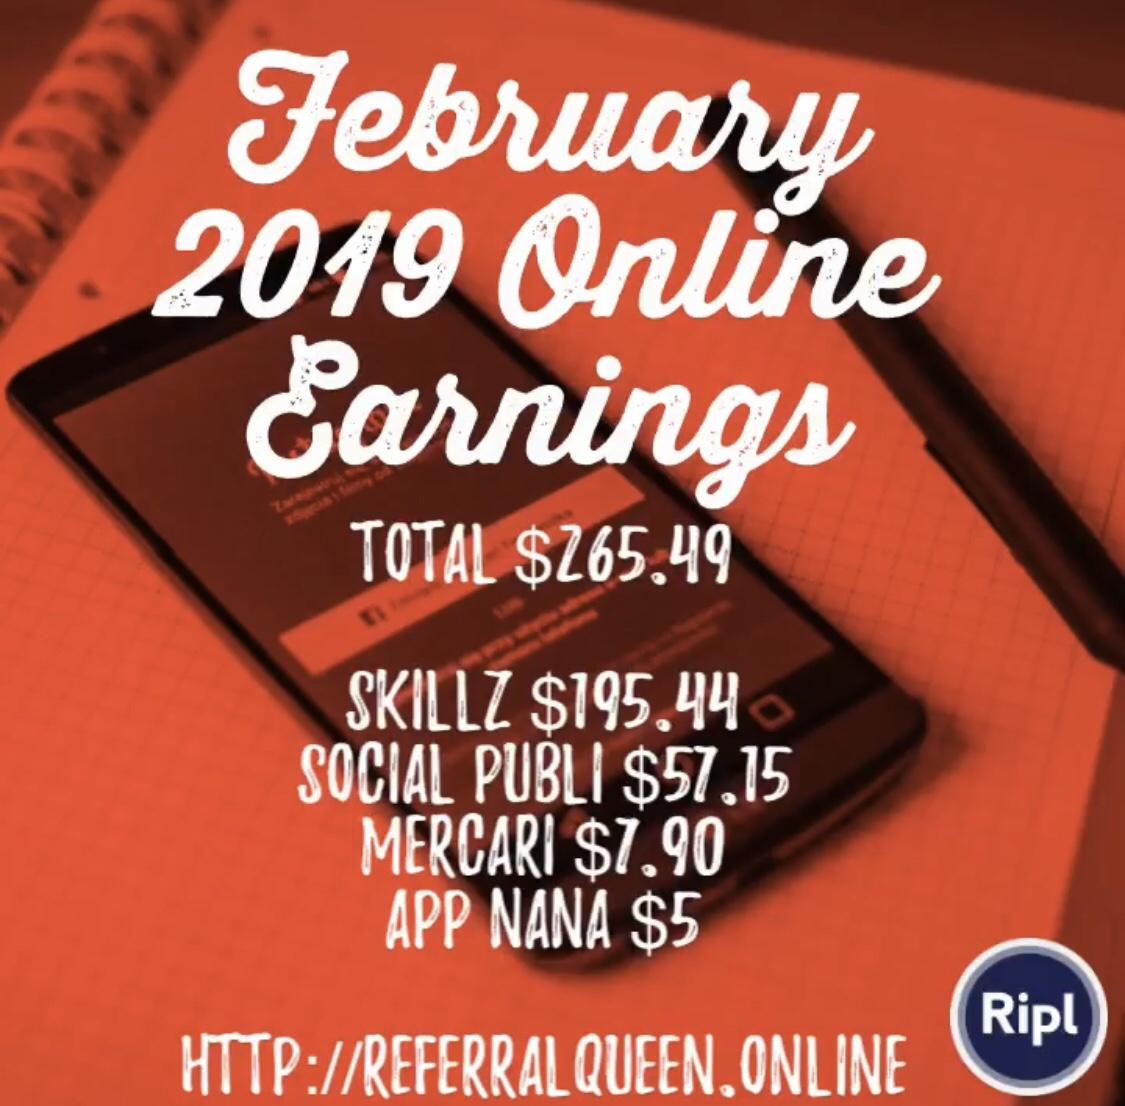 February 2019 Online Earnings : $265 49 - I Make Money Online and on